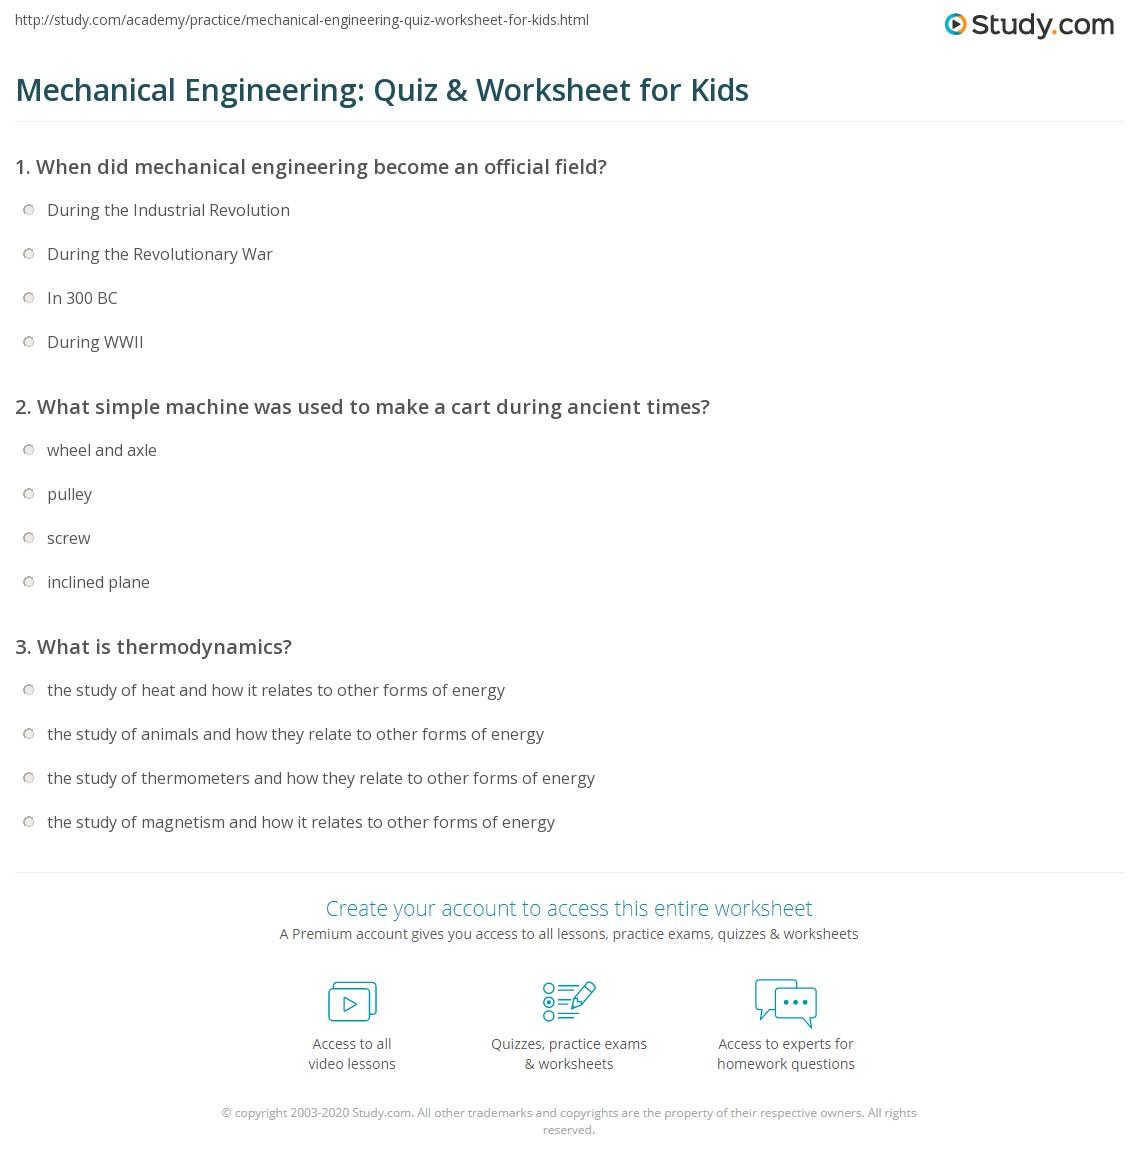 Mechanical Energy For Kids Worksheet